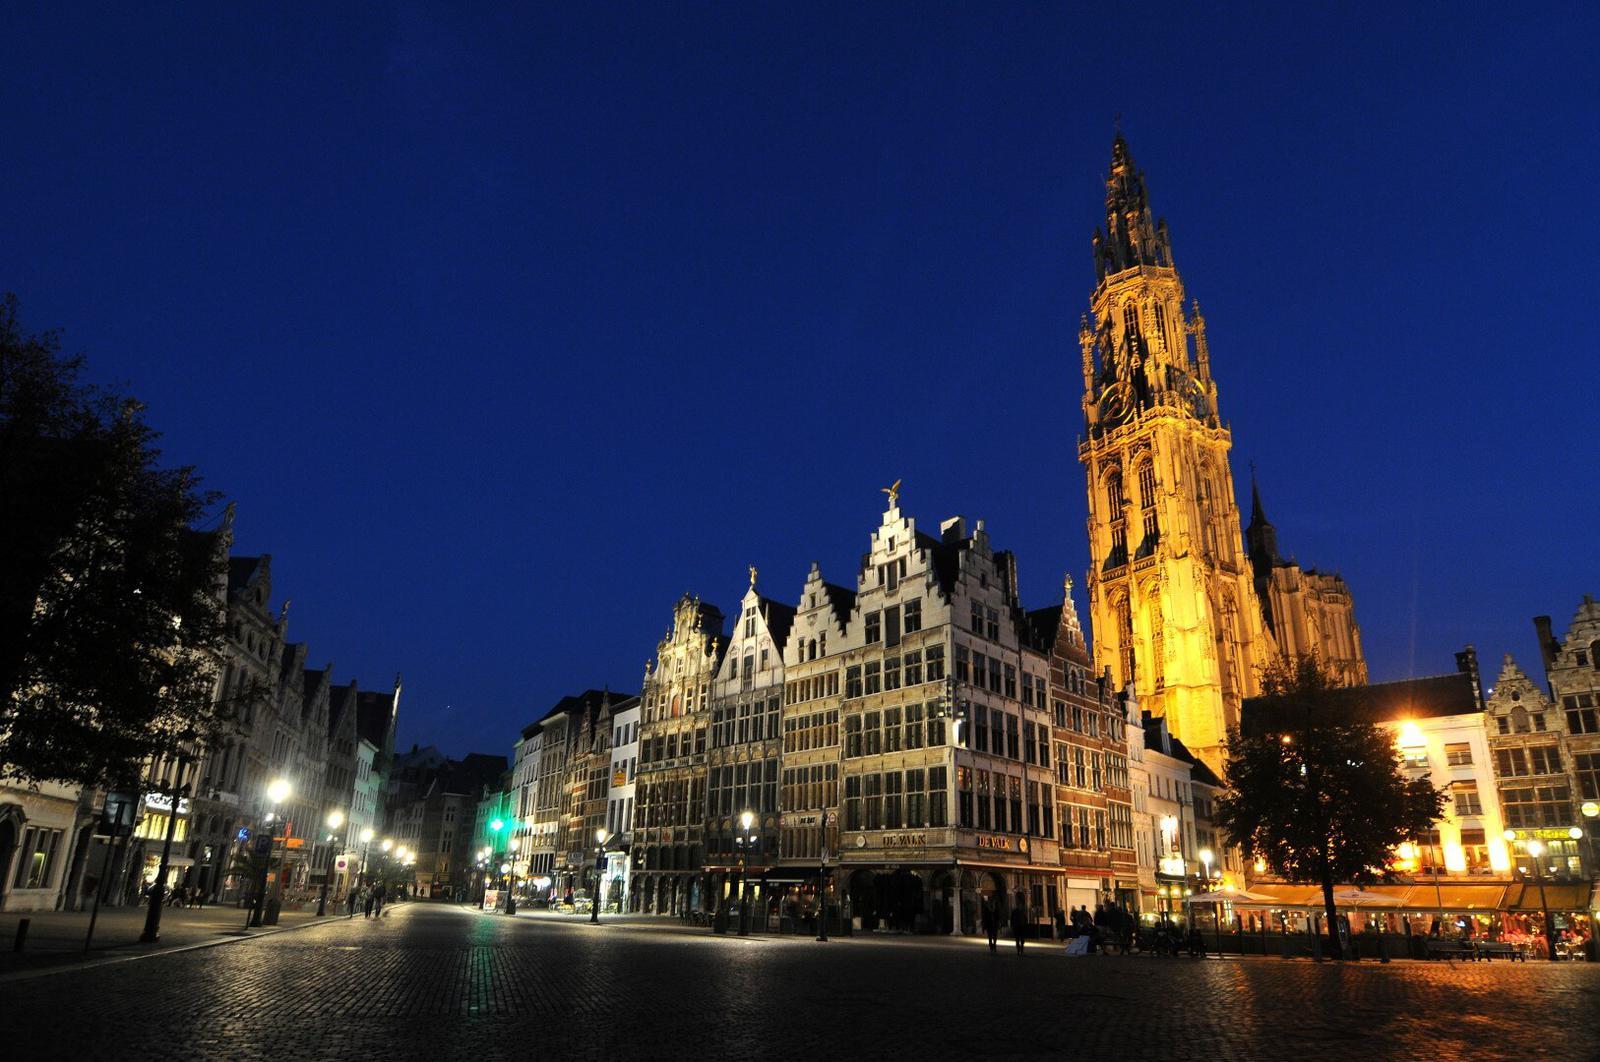 Foto: Antwerpen Toerisme en Congres